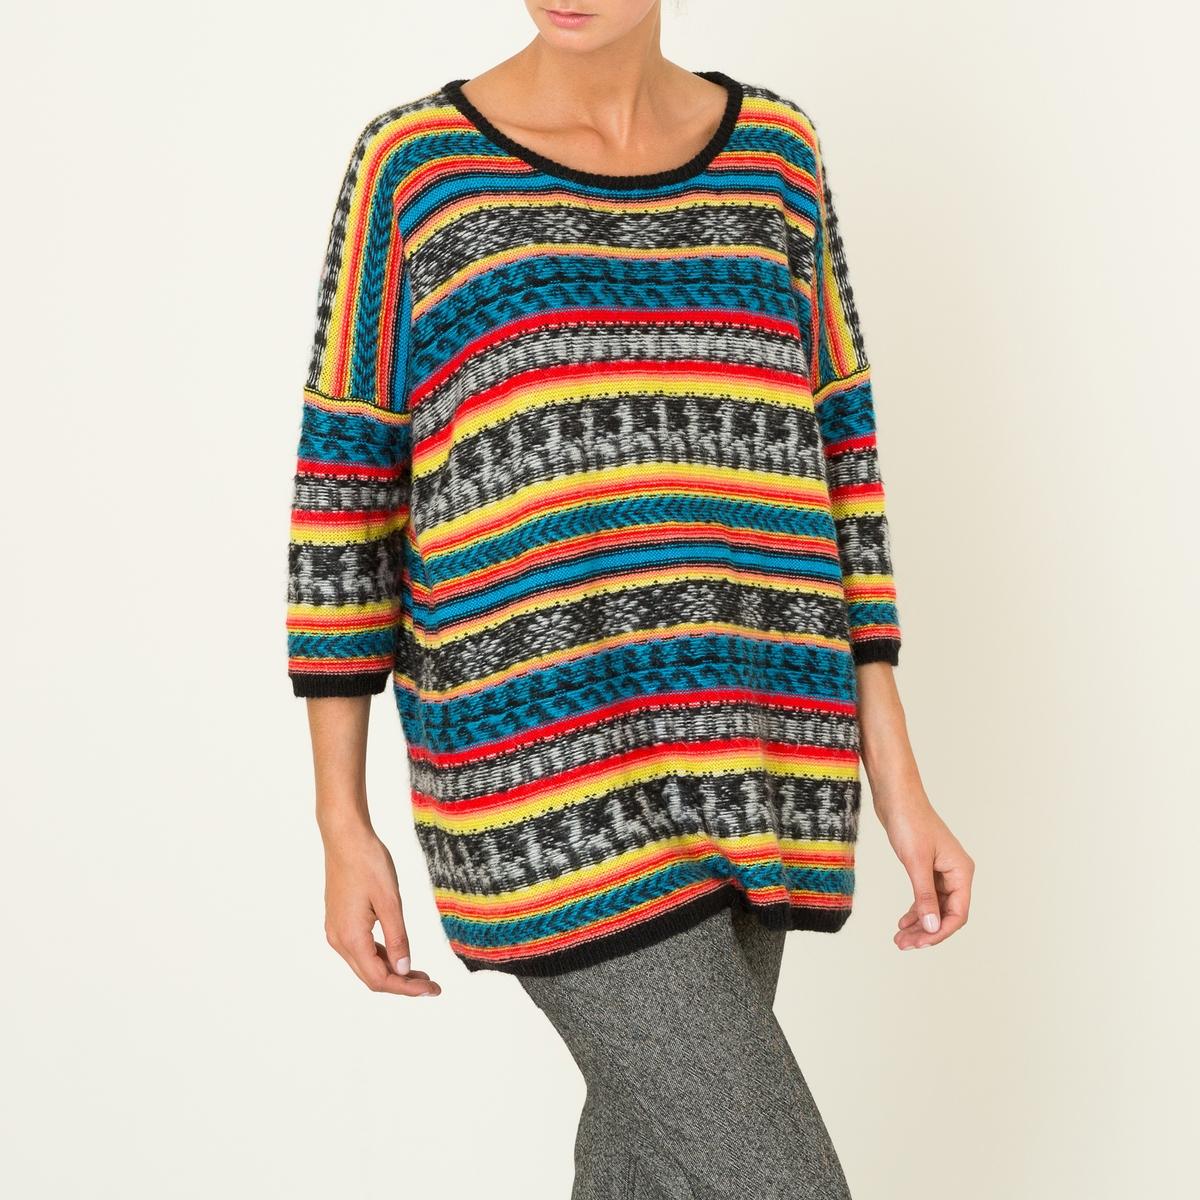 Пуловер женский GRINGOСостав и описание Материал : 38% акрила, 32% полиамида, 30% альпакиМарка : MES DEMOISELLES<br><br>Цвет: разноцветный<br>Размер: M